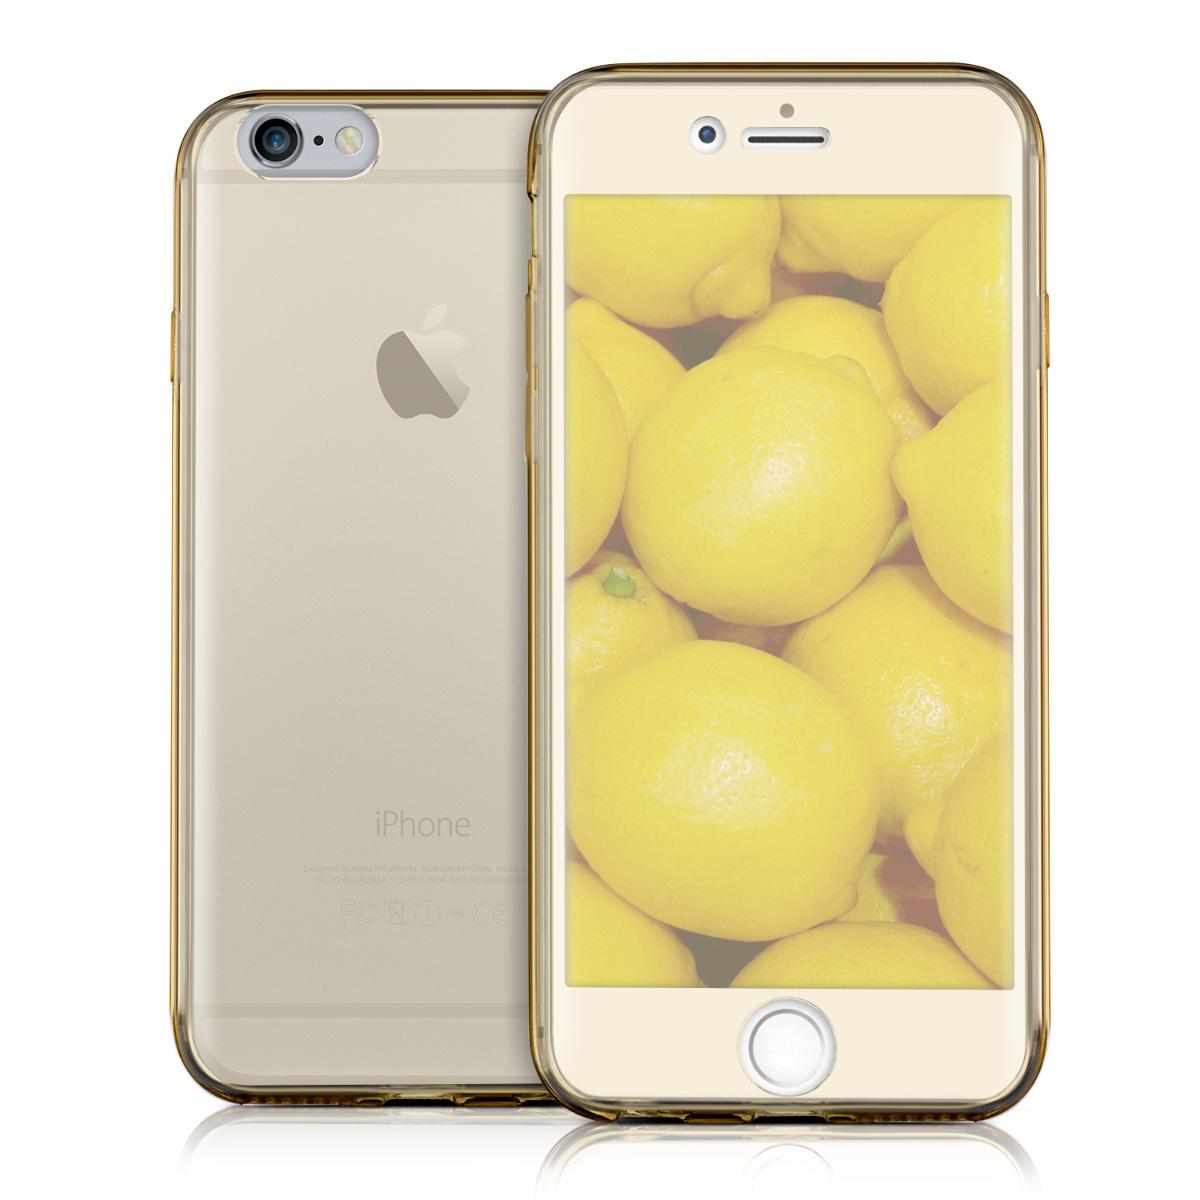 COVER-PER-APPLE-IPHONE-6-6S-CUSTODIA-FRONTE-RETRO-SILICONE